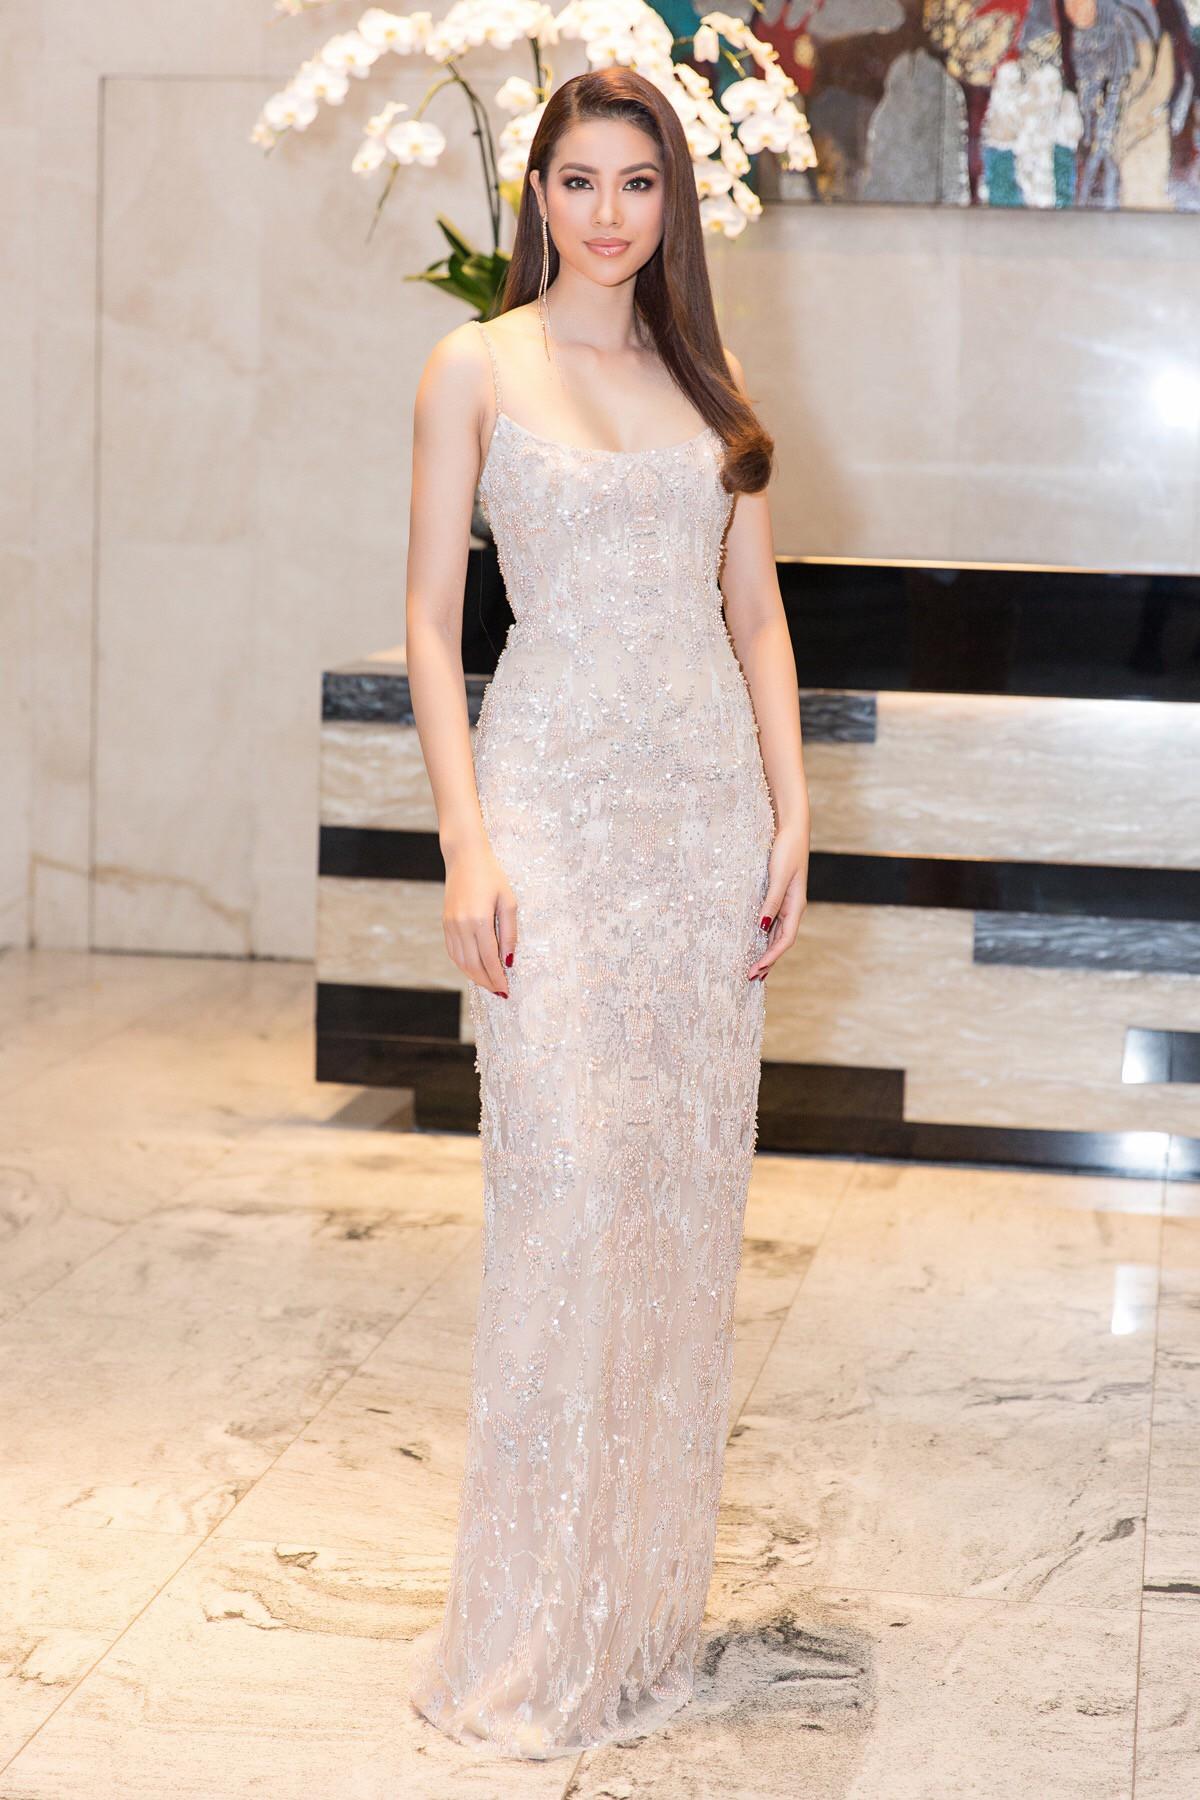 Phạm Hương hóa 'nữ thần gợi cảm', khoe dáng nuột nà ở Elle Beauty Awards 2018